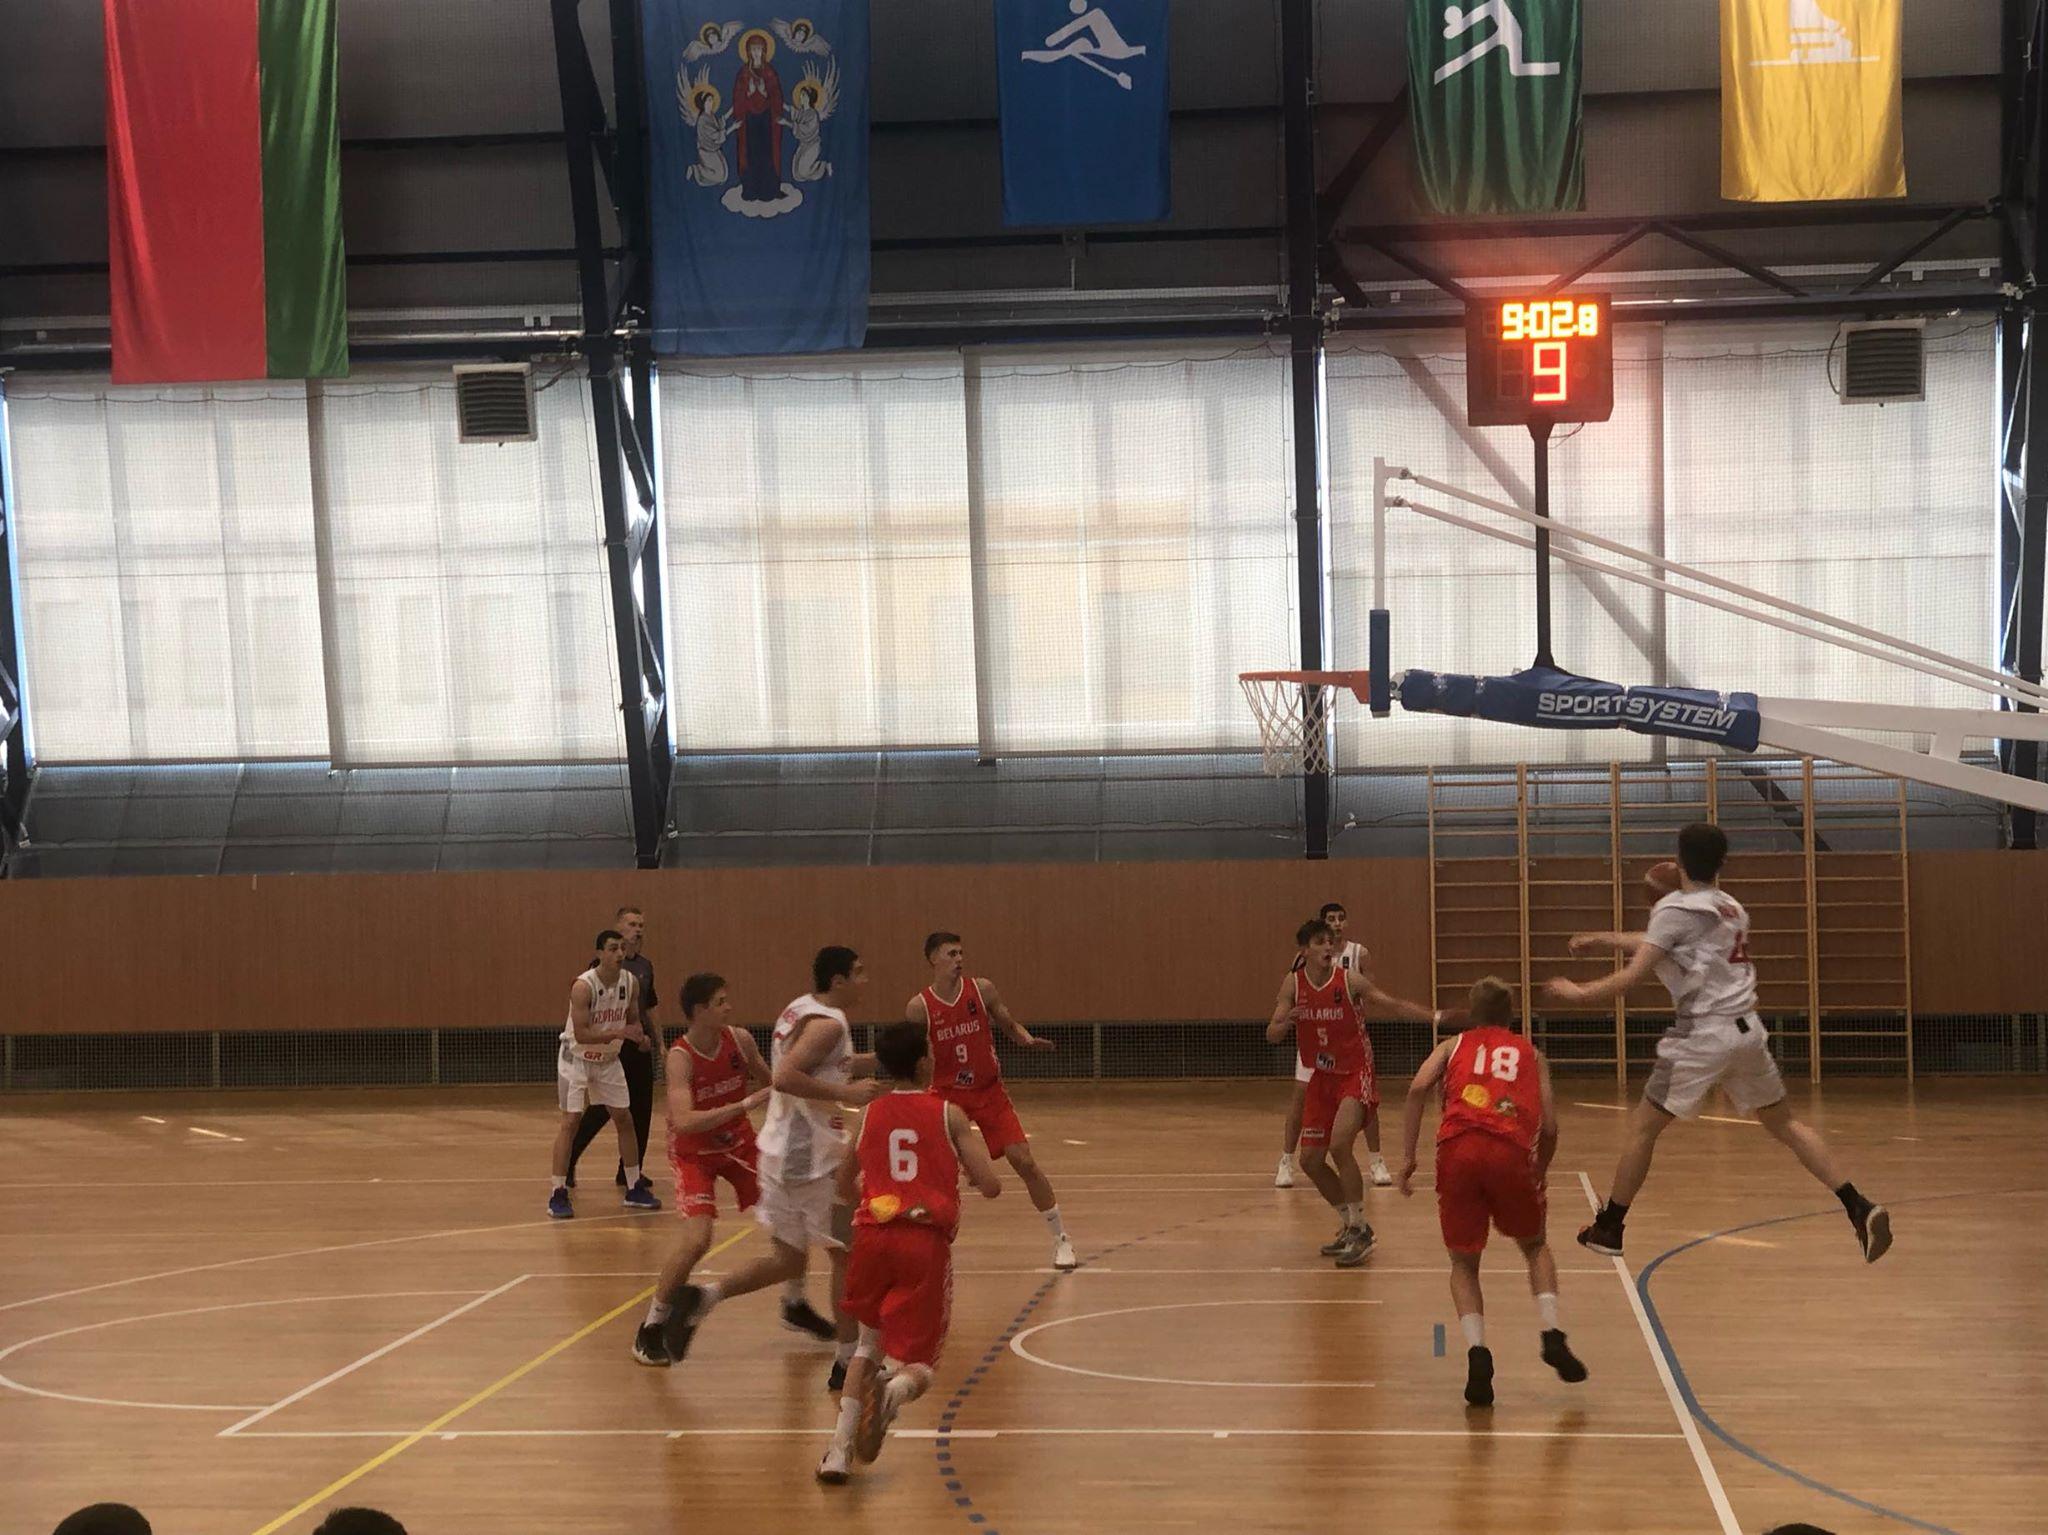 საქართველოს U16 ნაკრებმა მინსკში ბელარუსი 57:51 დაამარცხა